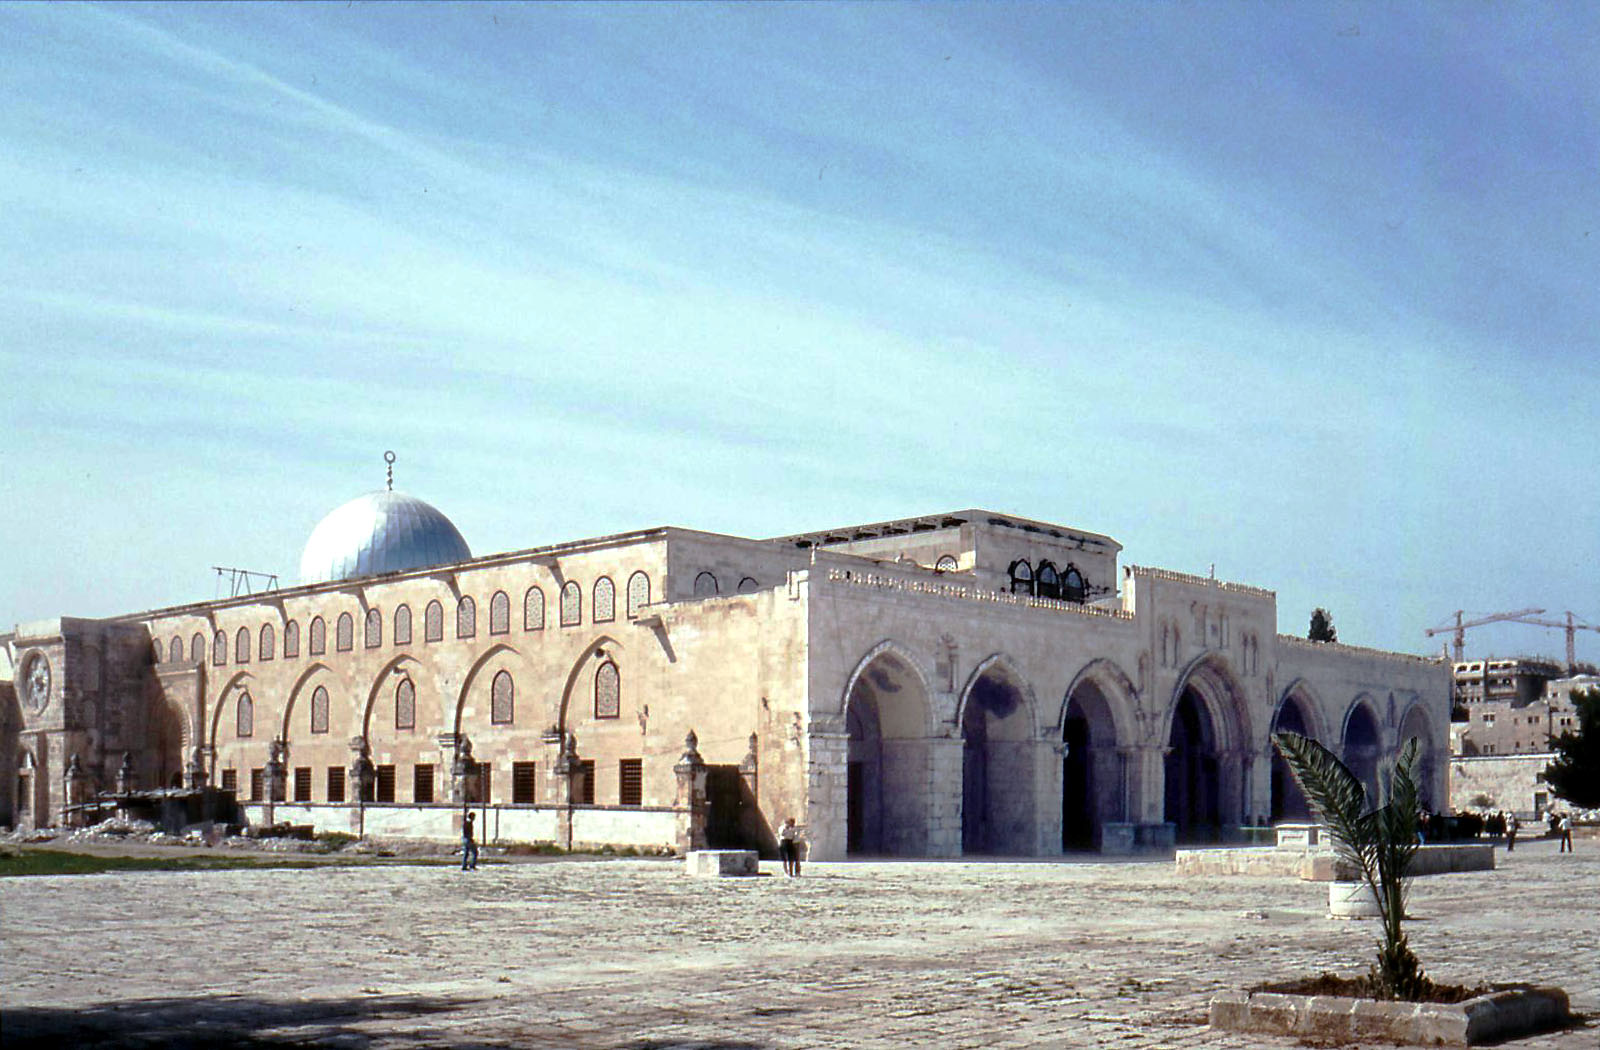 اجمل صور للمسجد الاقصى بدقه عاليه